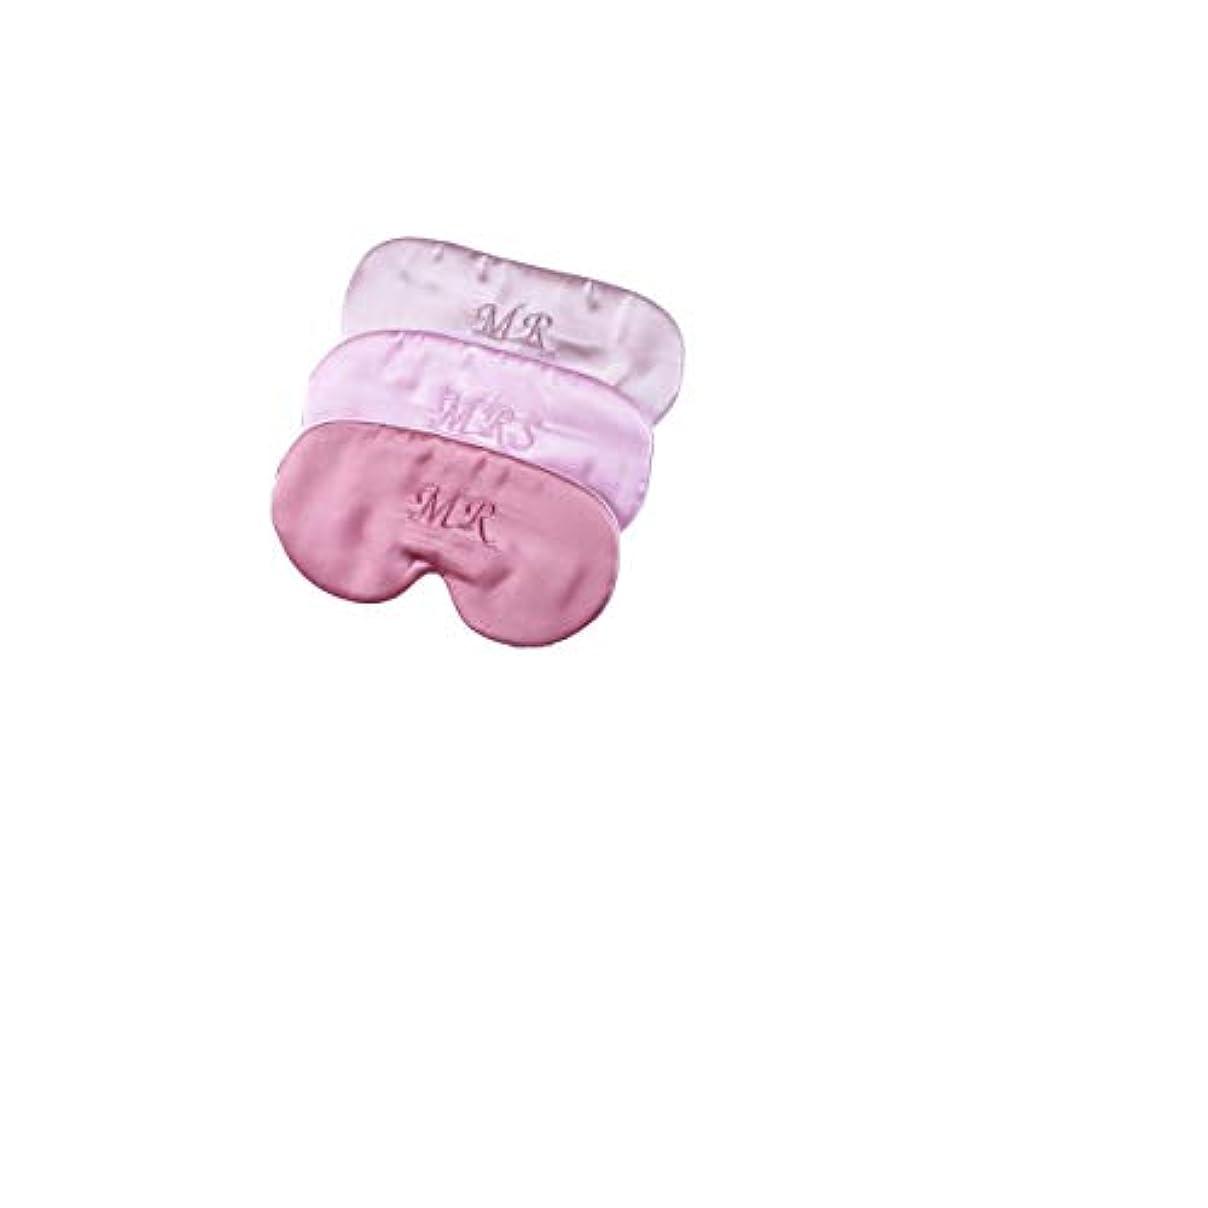 戦略貯水池噴火シルクゴーグル調節可能、100%シルク、イヤホン収納バッグギフトボックス4セットの刺繍モデル日よけ女性、通気性、快適、いびきアーチファクト (Color : Pink)